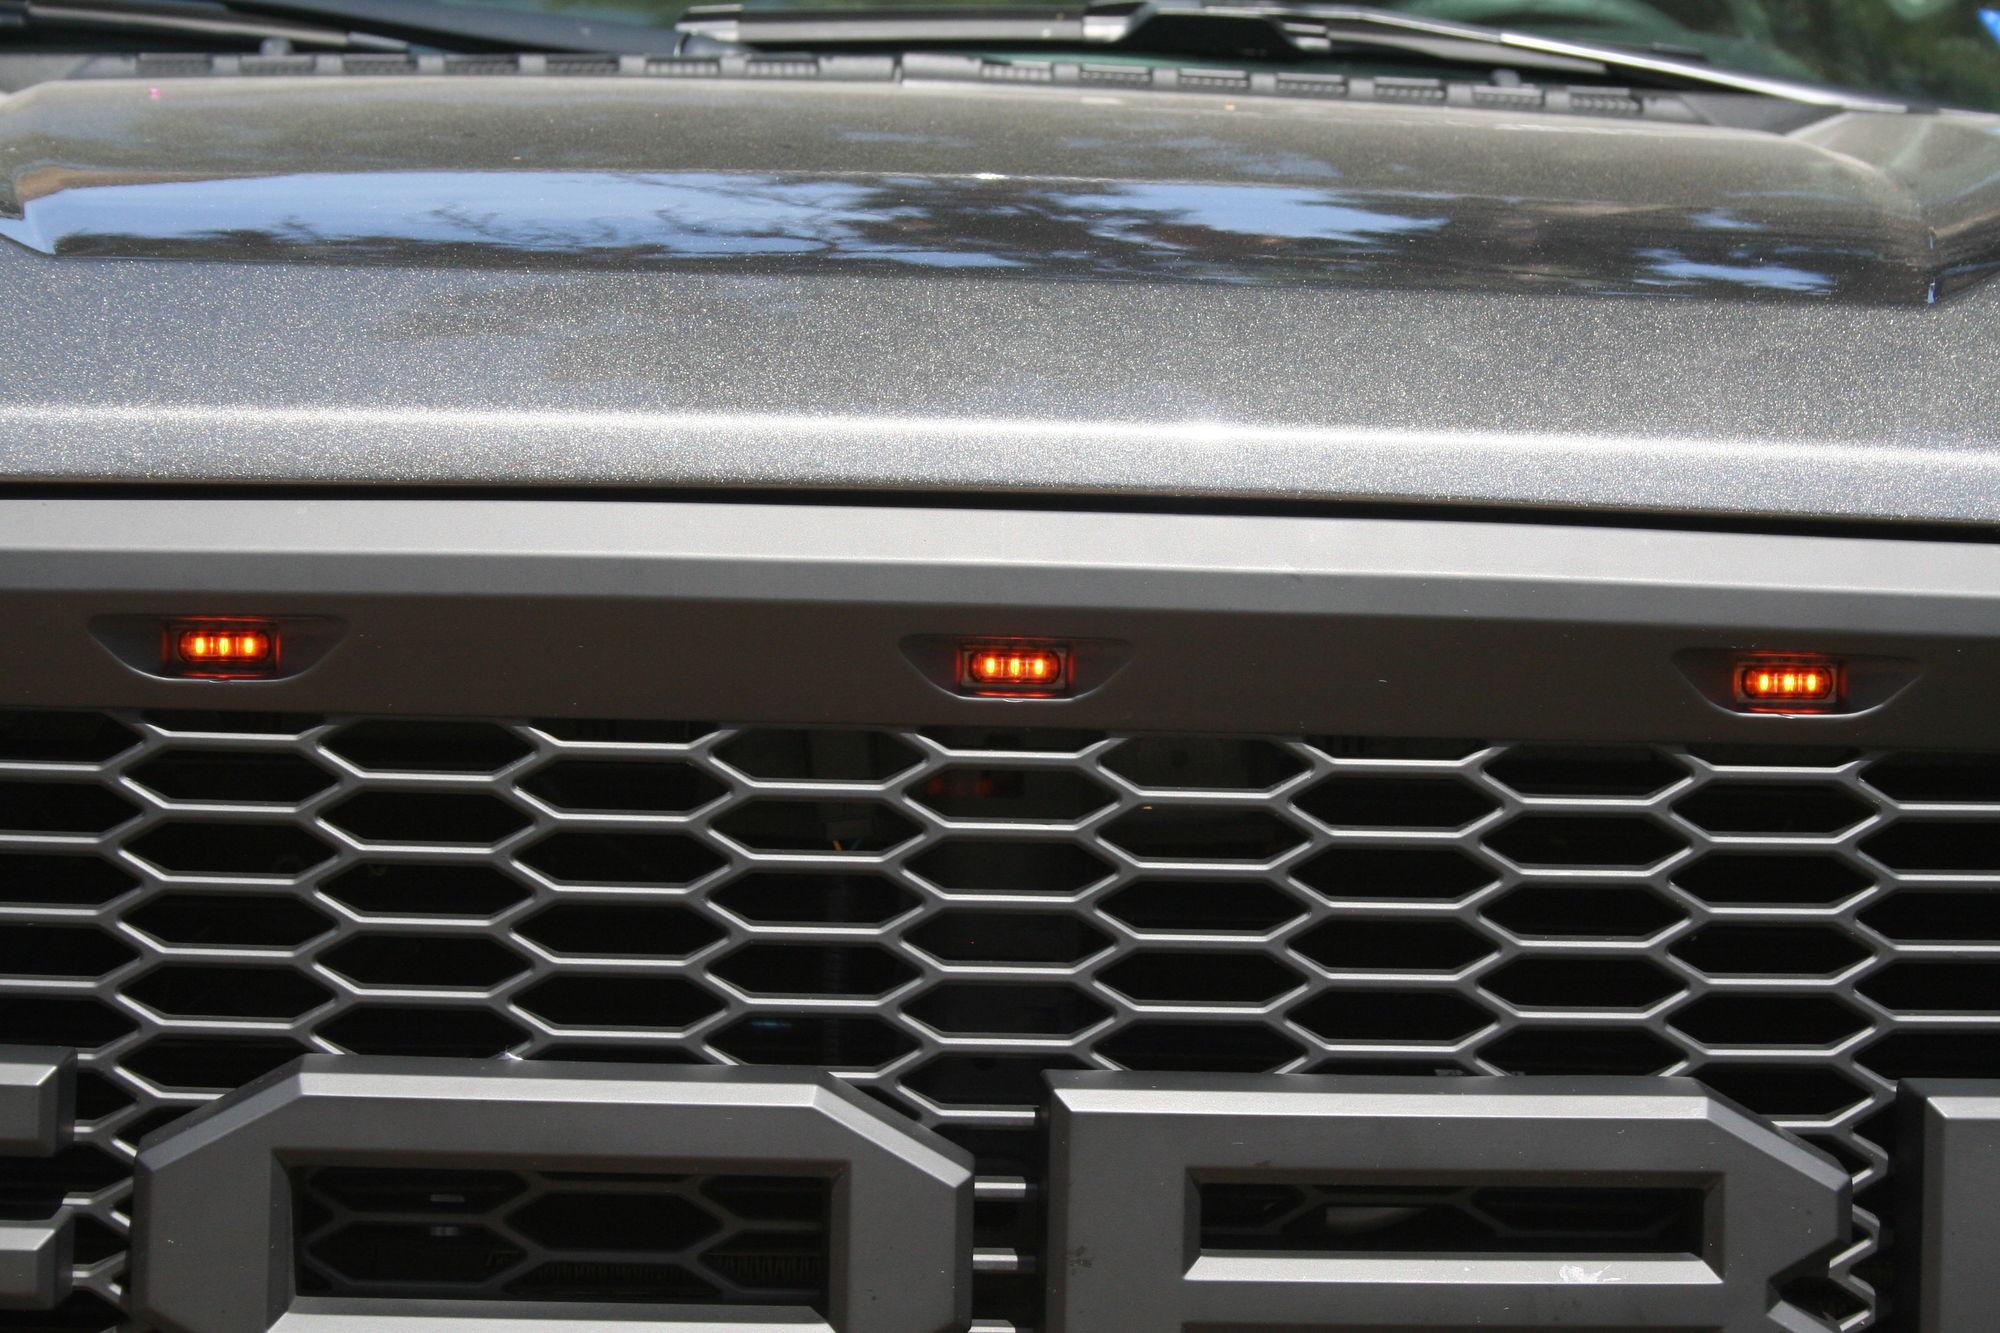 2005 saturn vue manual transmission problems